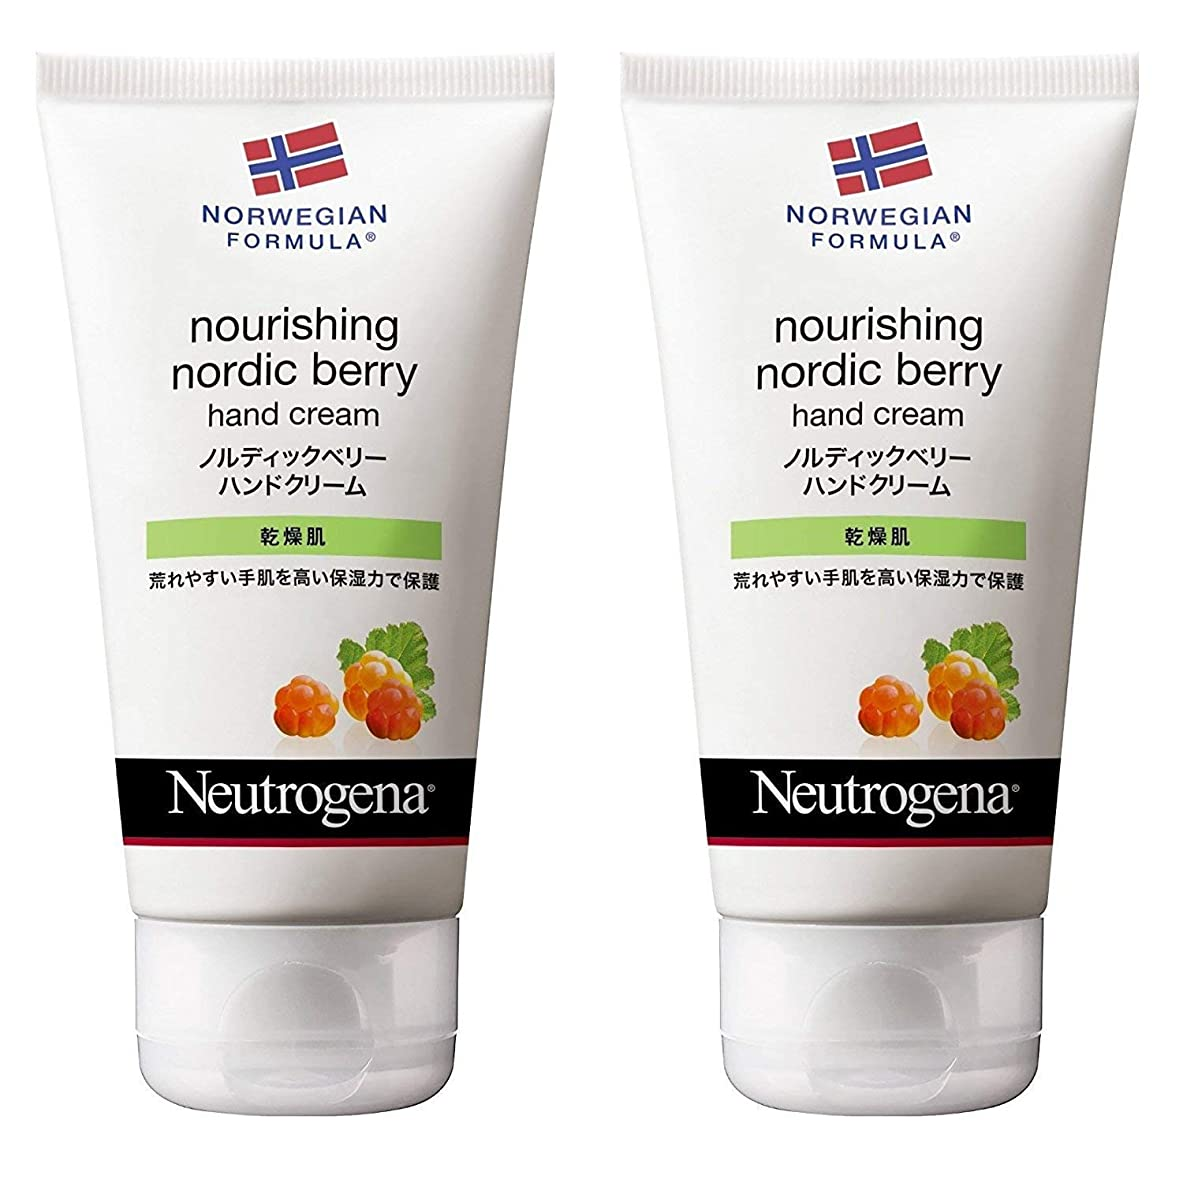 厳密に誰か中級[2個セット]Neutrogena(ニュートロジーナ)ノルウェーフォーミュラ ノルディックベリー ハンドクリーム 75g